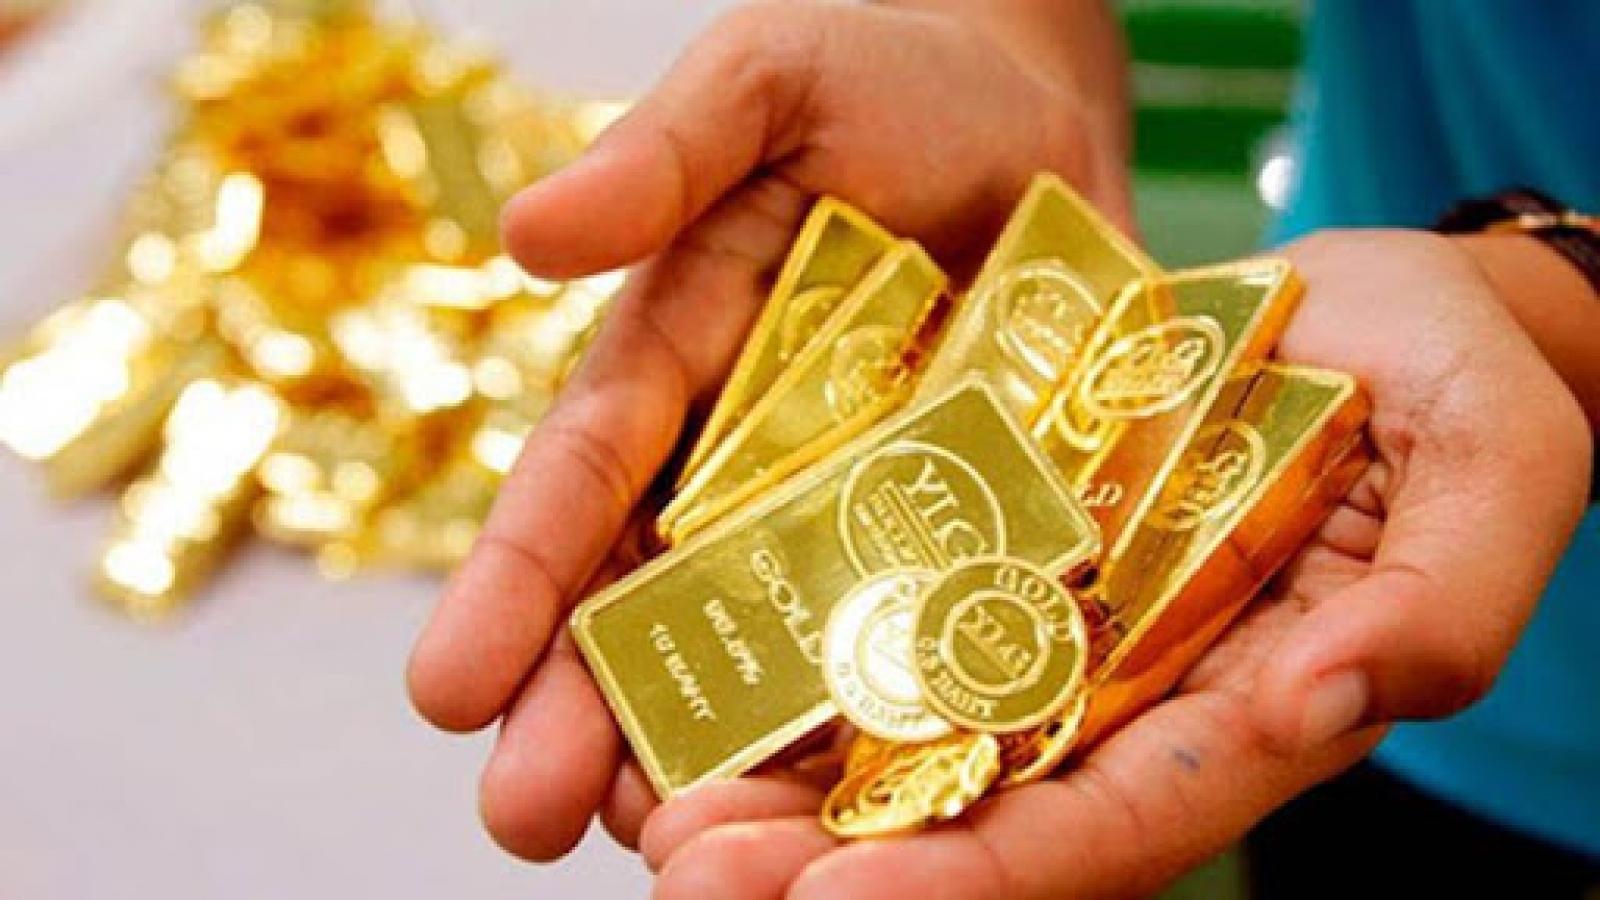 Giá vàng giảm trước áp lực tăng của đồng USD